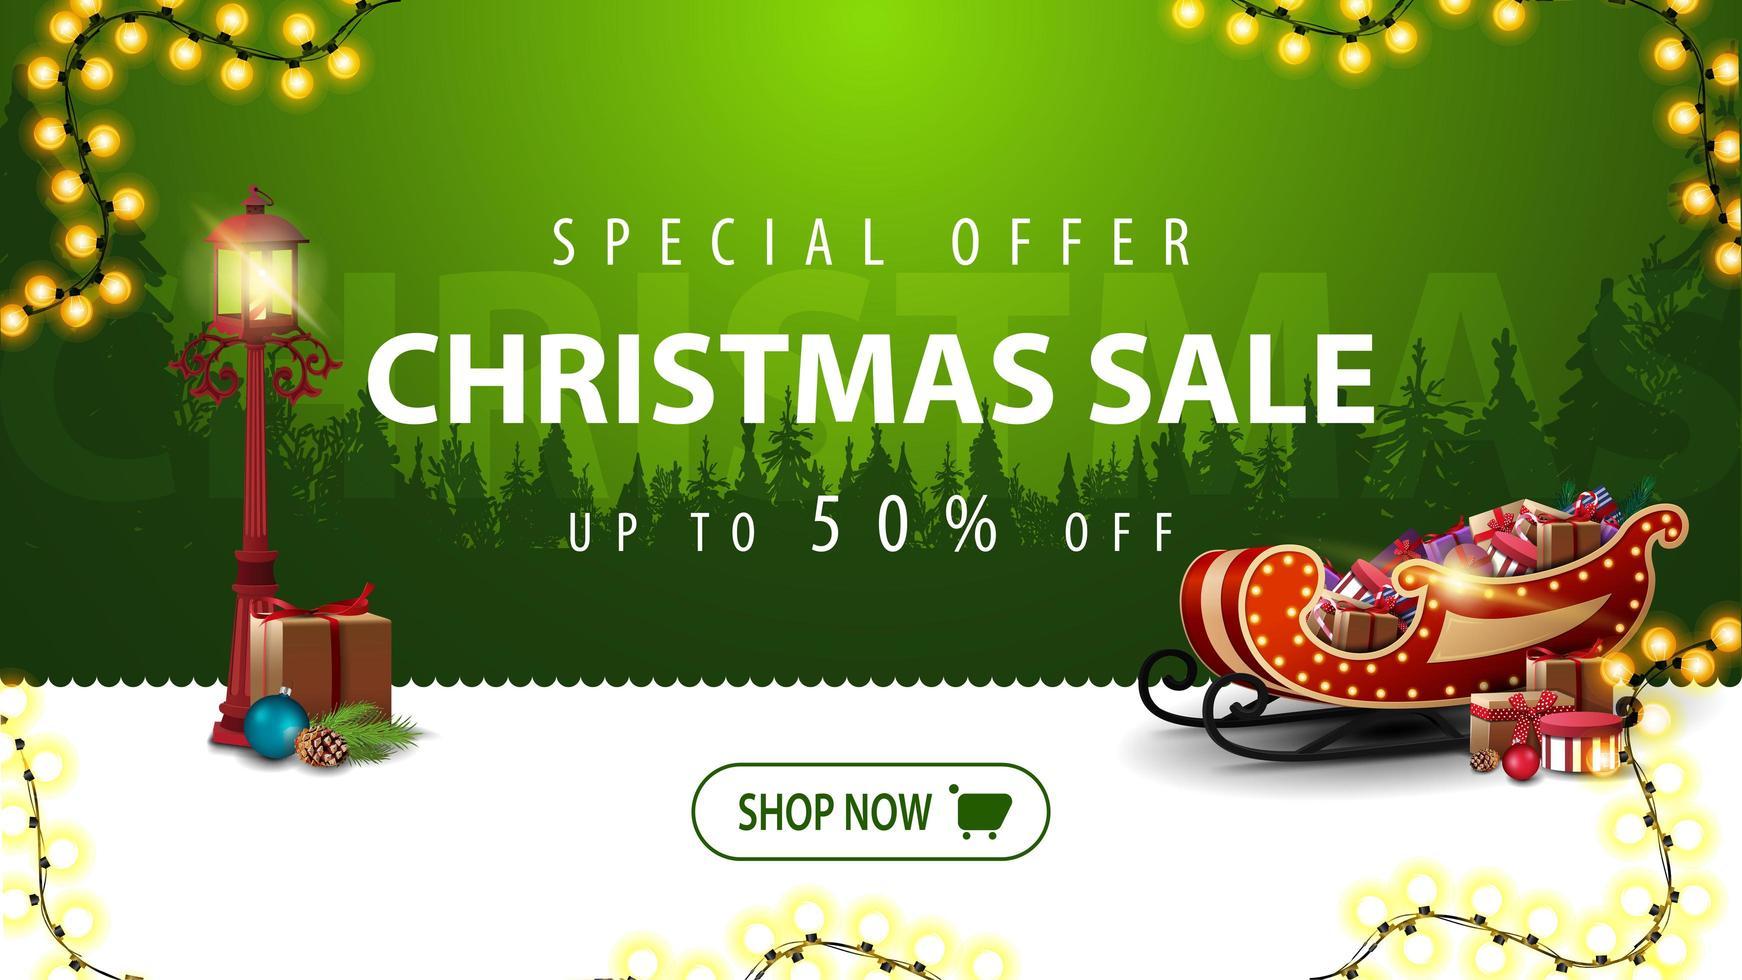 oferta especial, liquidação de natal, até 50 de desconto, banner verde moderno para site com guirlanda, botão, lanterna vintage e trenó de Papai Noel com presentes vetor